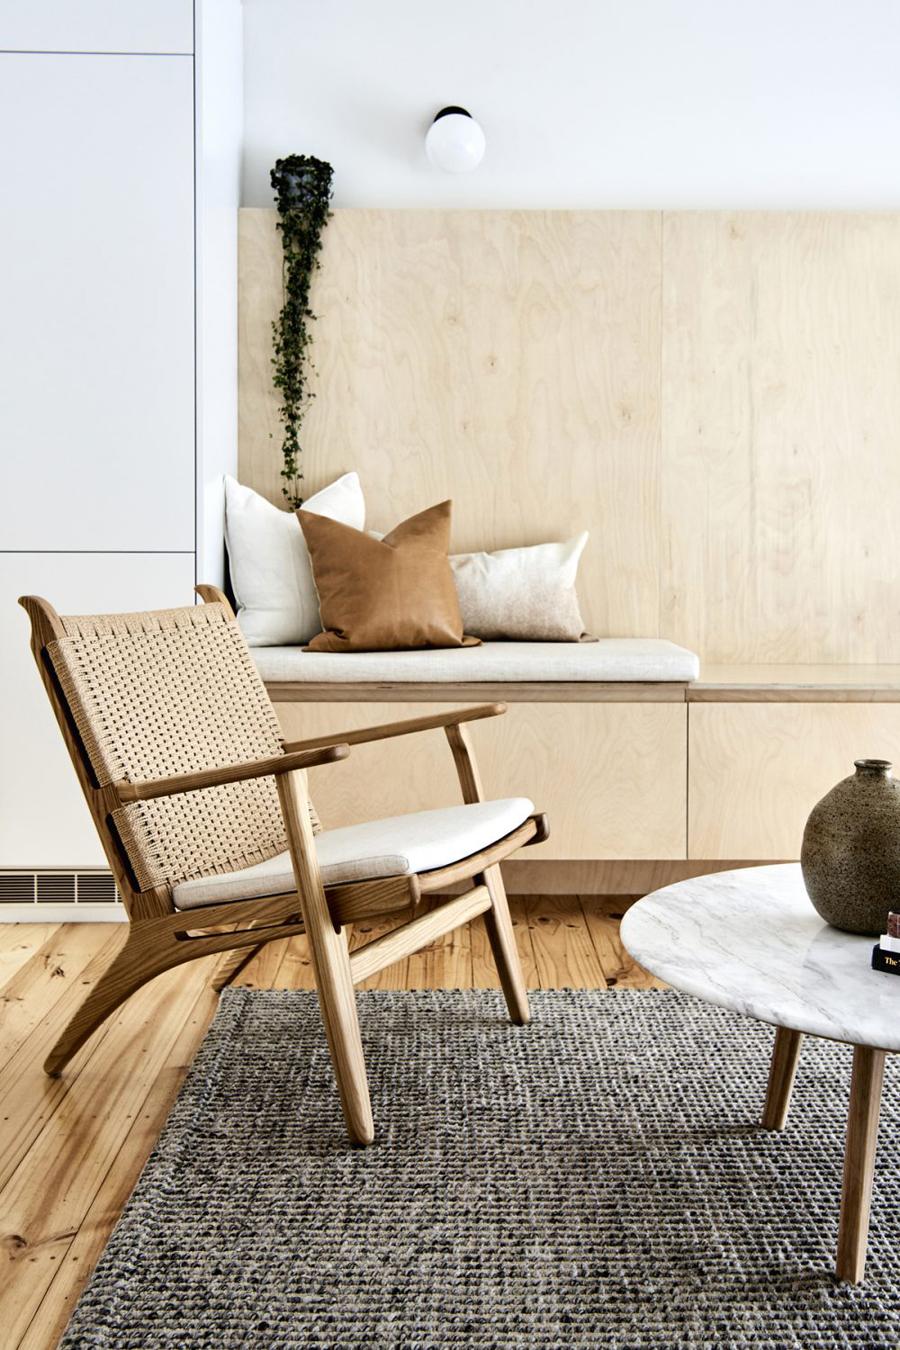 sillón nórdico ch25 en madera natural